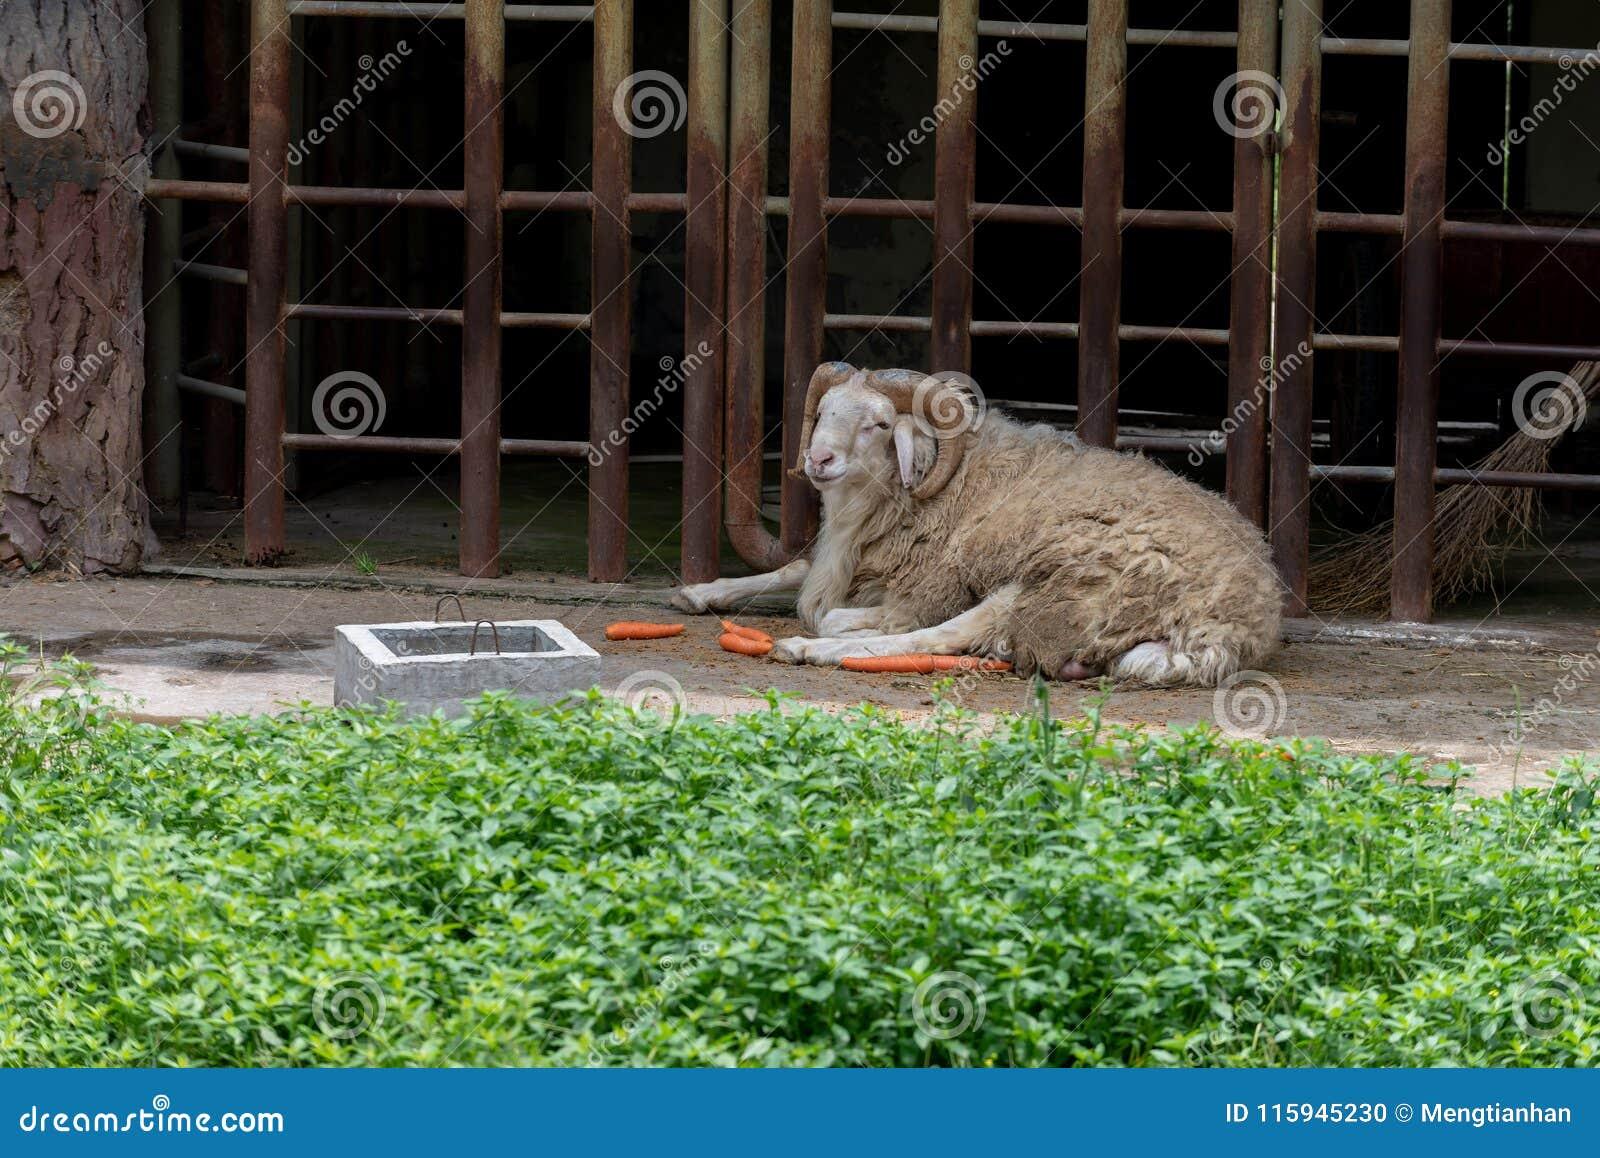 Ενήλικο πρόβατο-Ovis aries